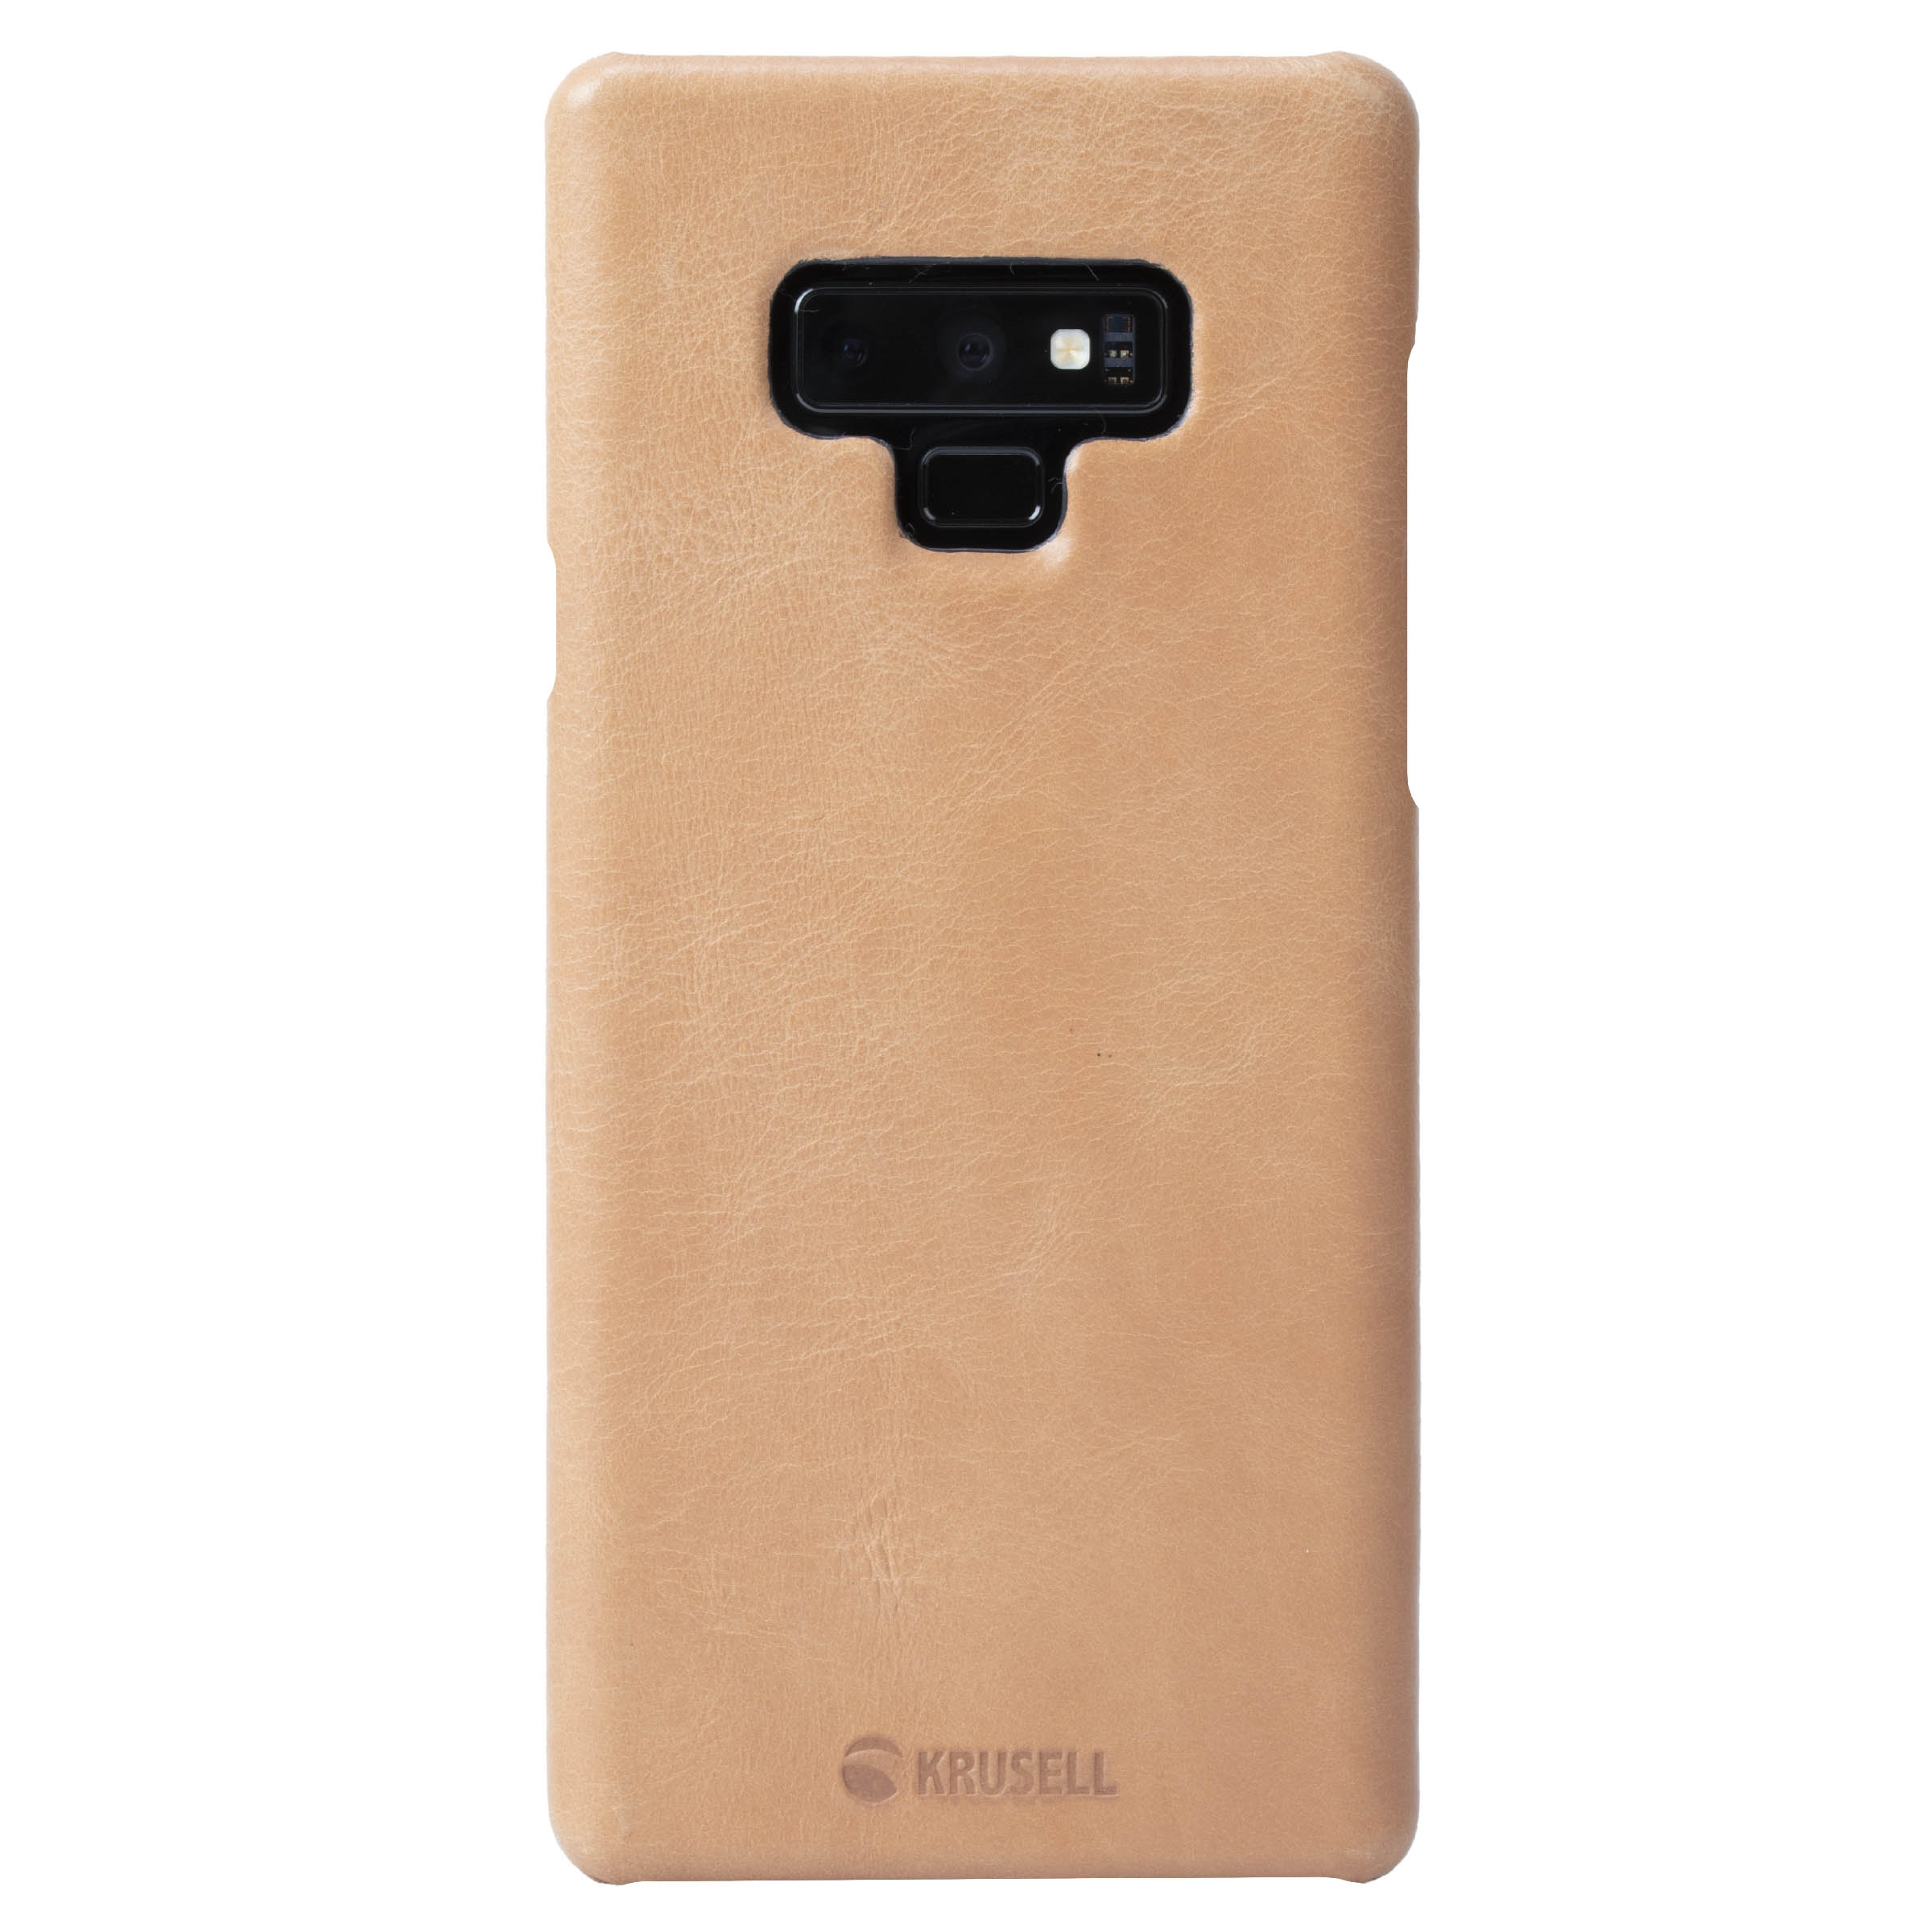 Capac protectie spate Krusell Sunne Cover pentru Samsung Galaxy Note 9 (N960) Nude